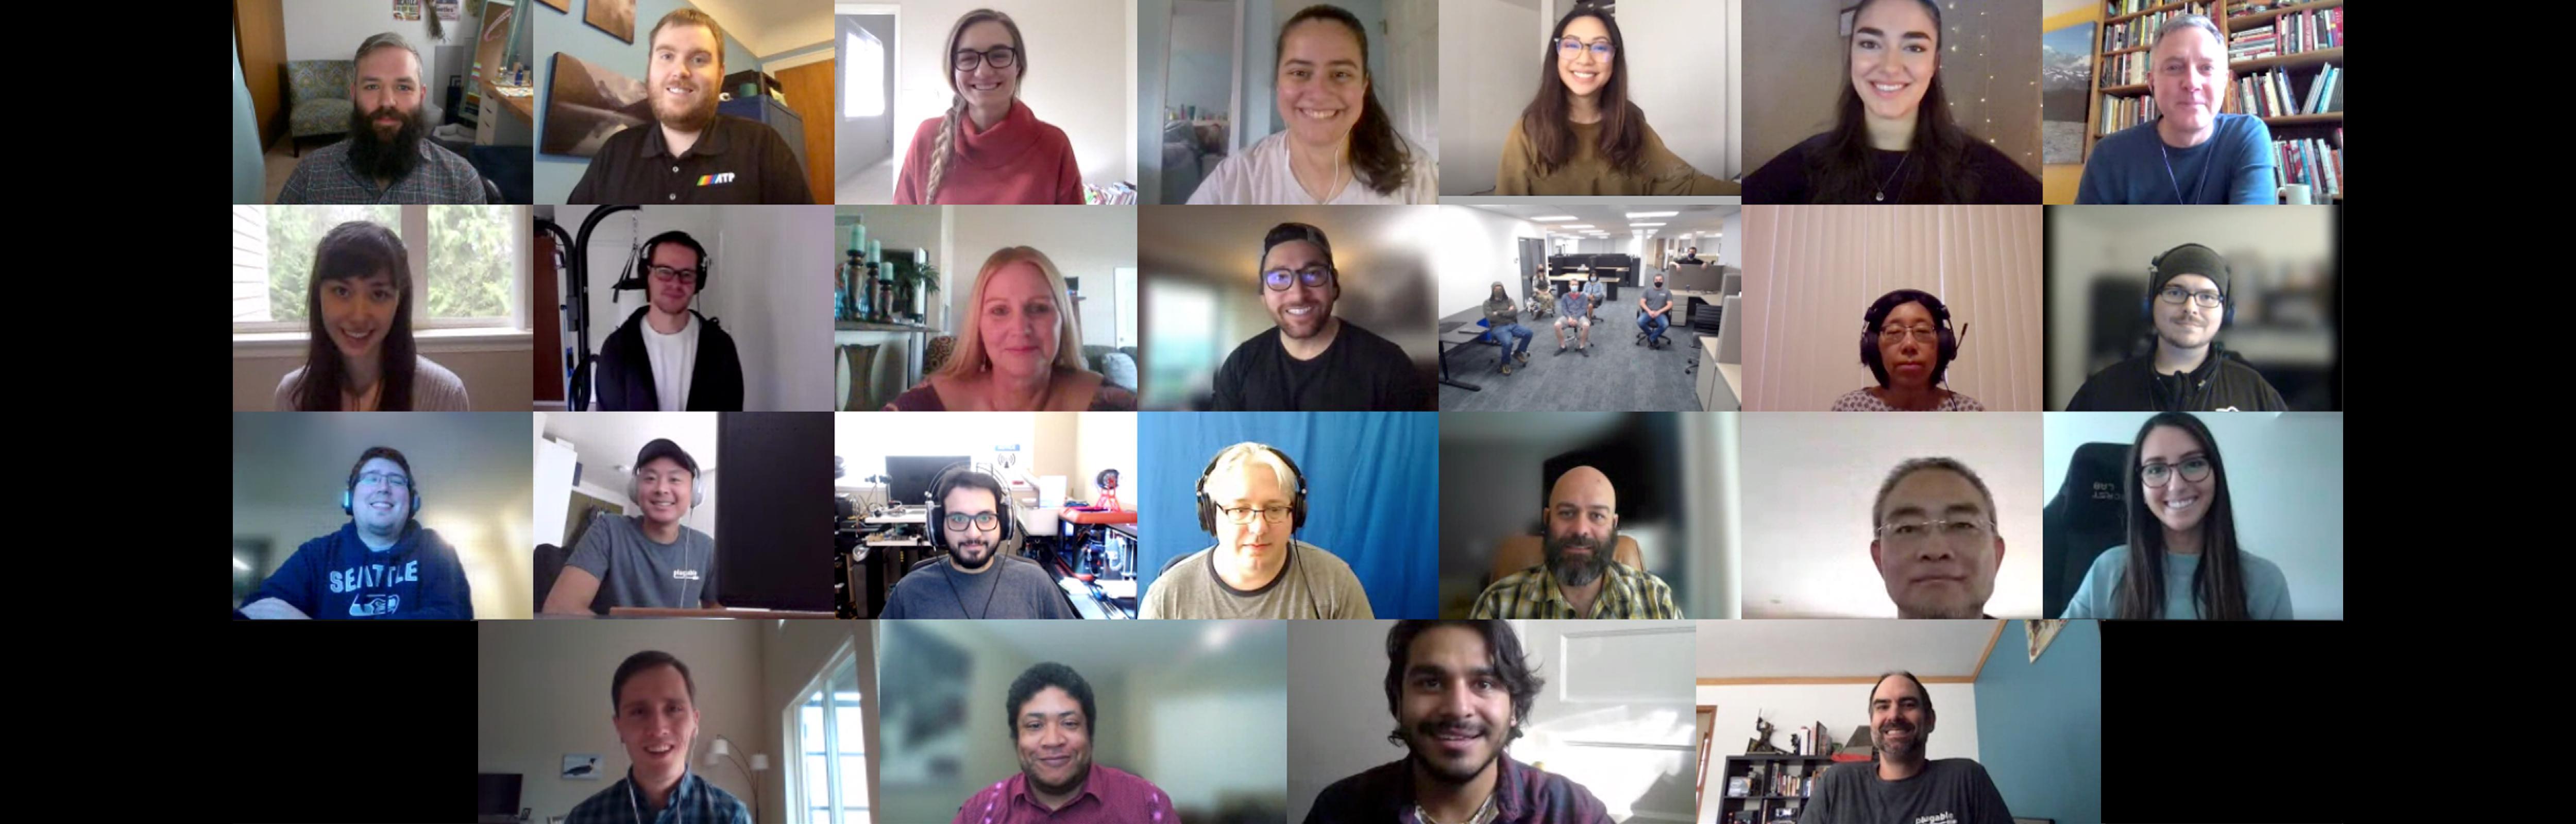 full virtual company photo